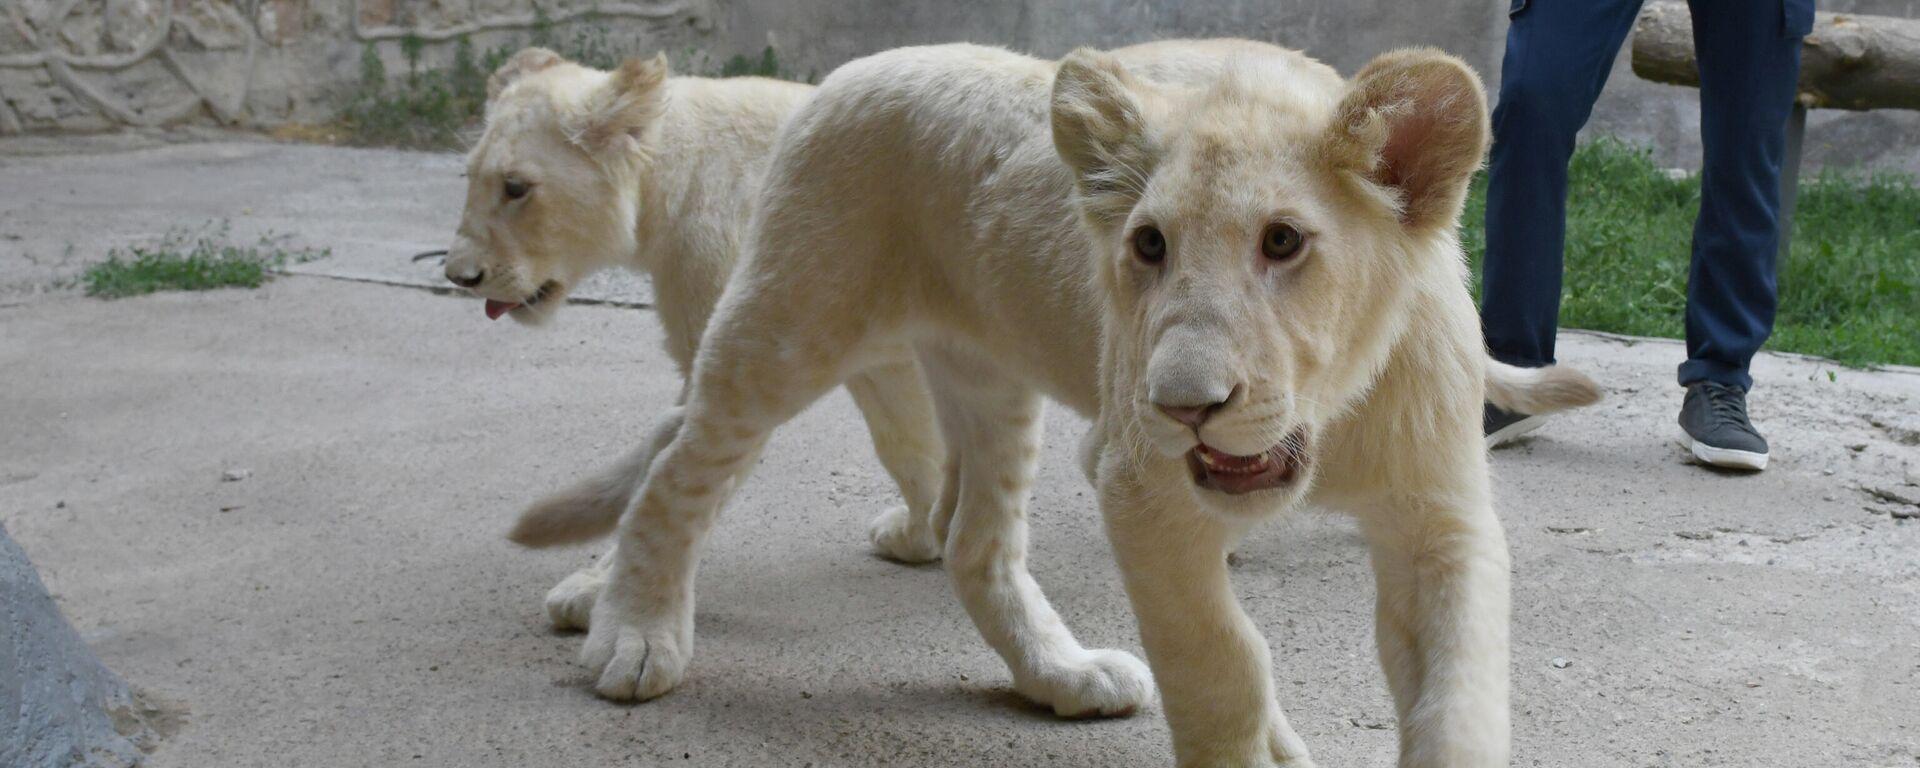 Южноафриканские львы в Ташкентском зоопарке - Sputnik Узбекистан, 1920, 17.06.2021